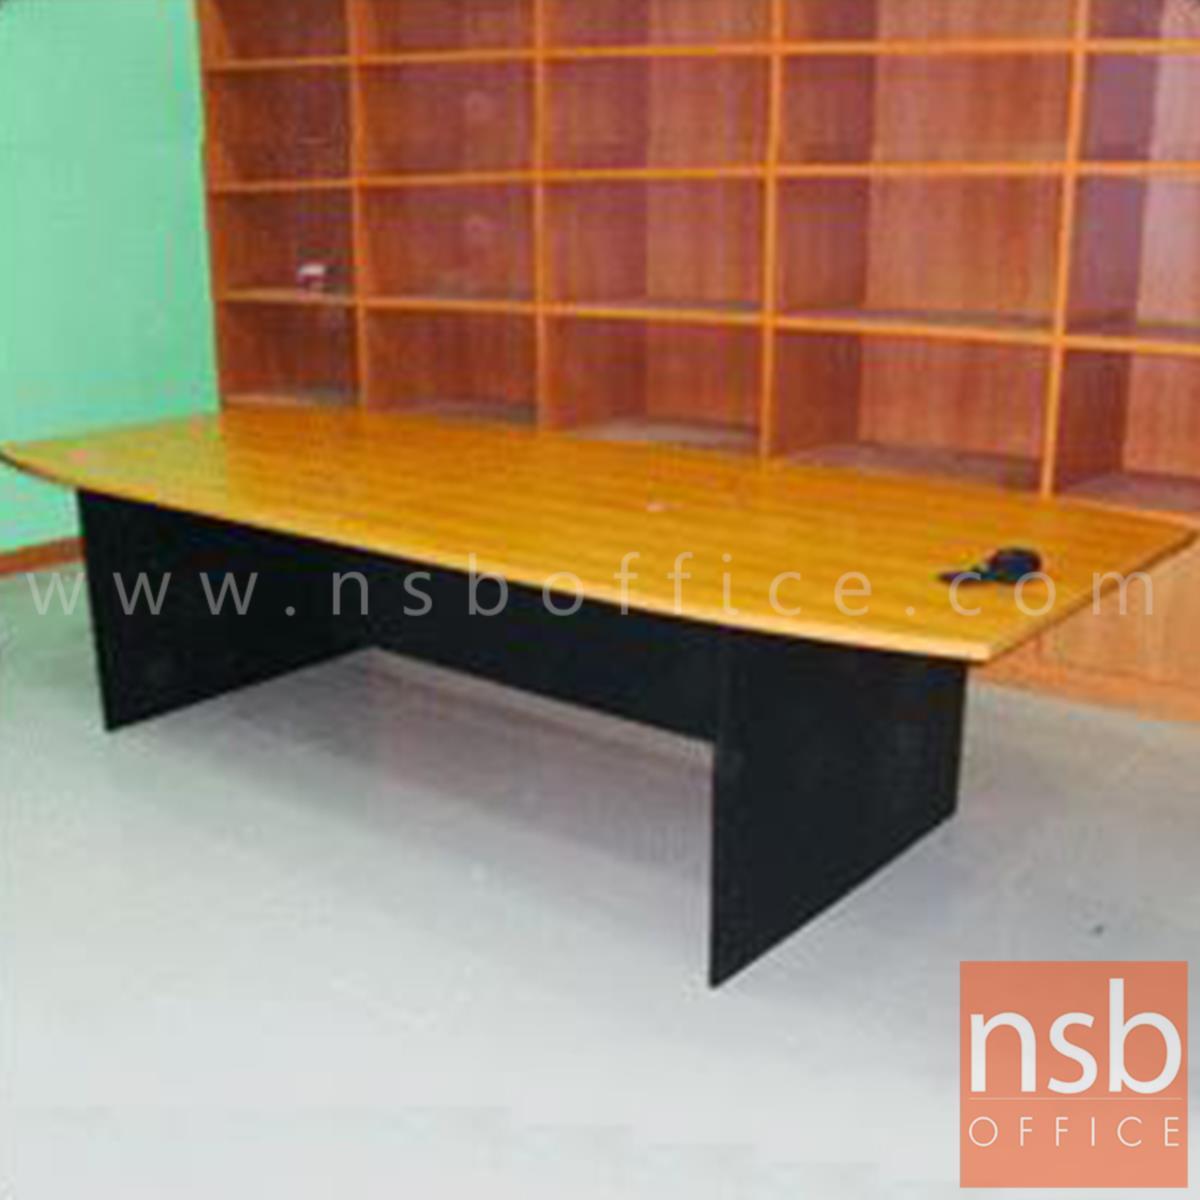 โต๊ะประชุมทรงเรือ  รุ่น Tyrese (ไทรีส) 6 ,10 ที่นั่ง ขนาด 180W ,240W cm. ขาไม้